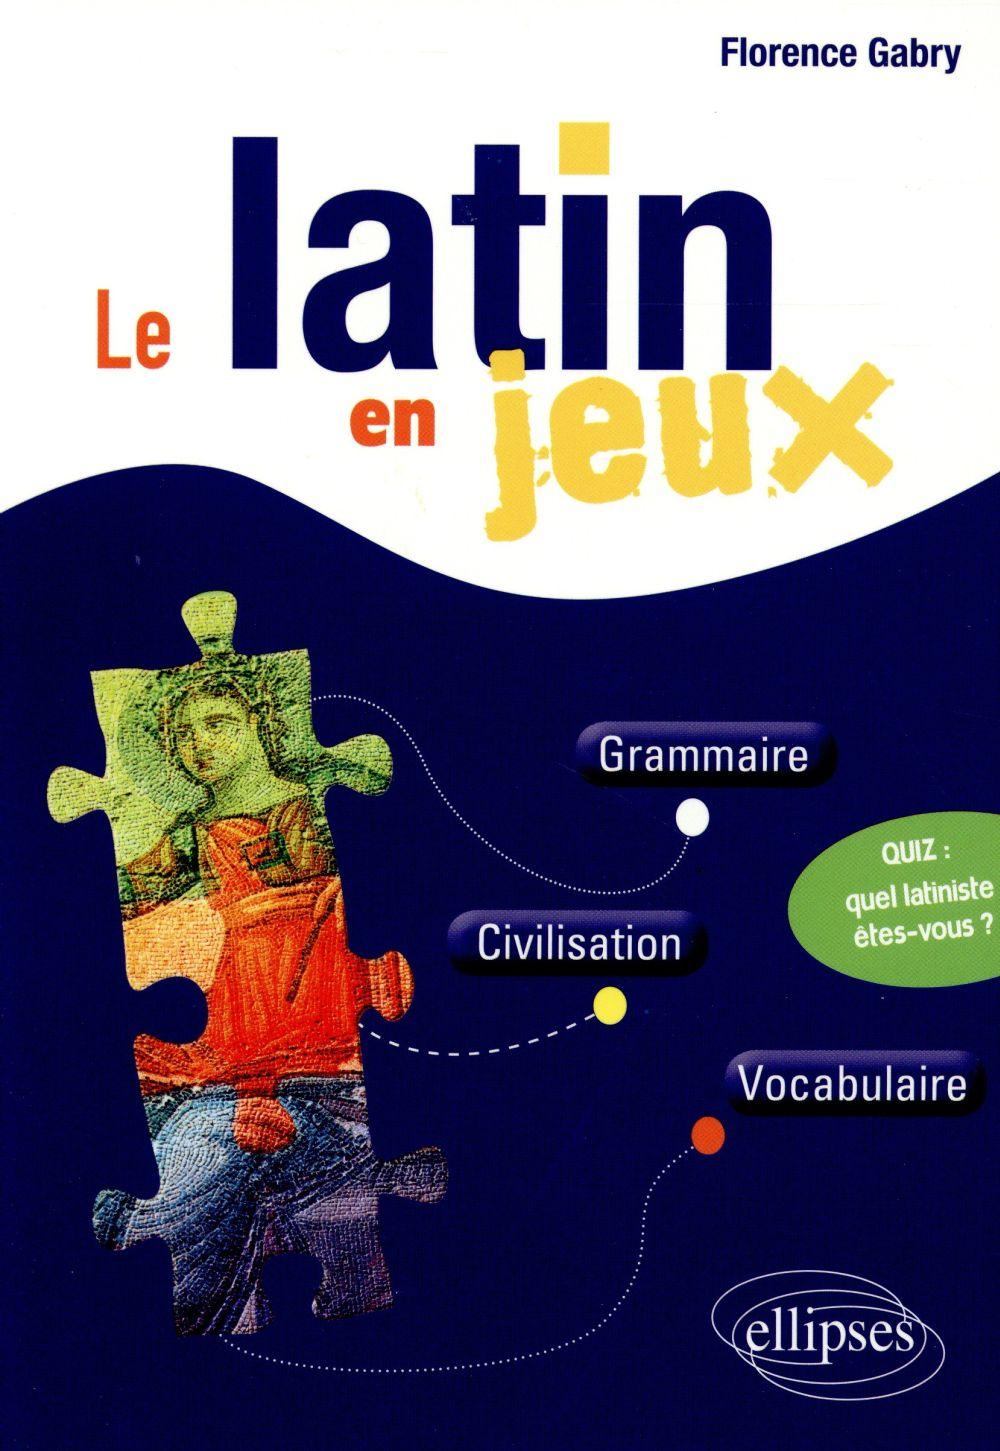 Le latin en jeux grammaire civilisation vocabulaire quiz quel latiniste etes-vous ?